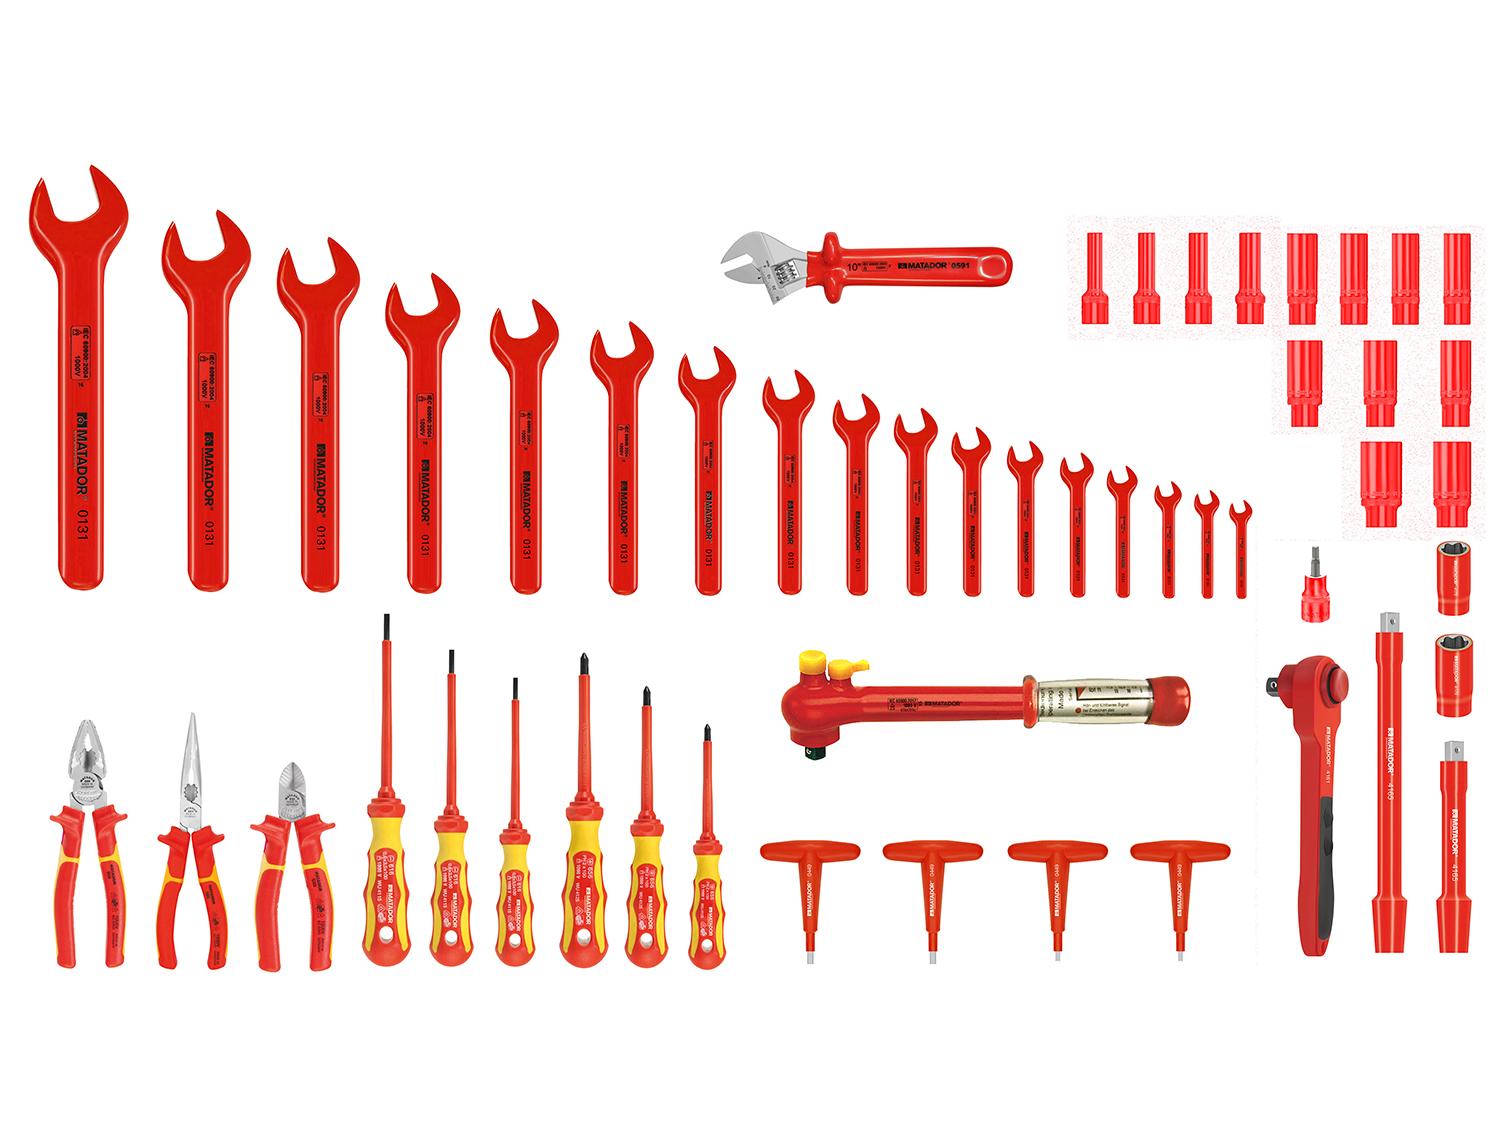 Werkzeugsatz für Hybrid- und Elektrofahrzeuge mit über 50 Werkzeugen.